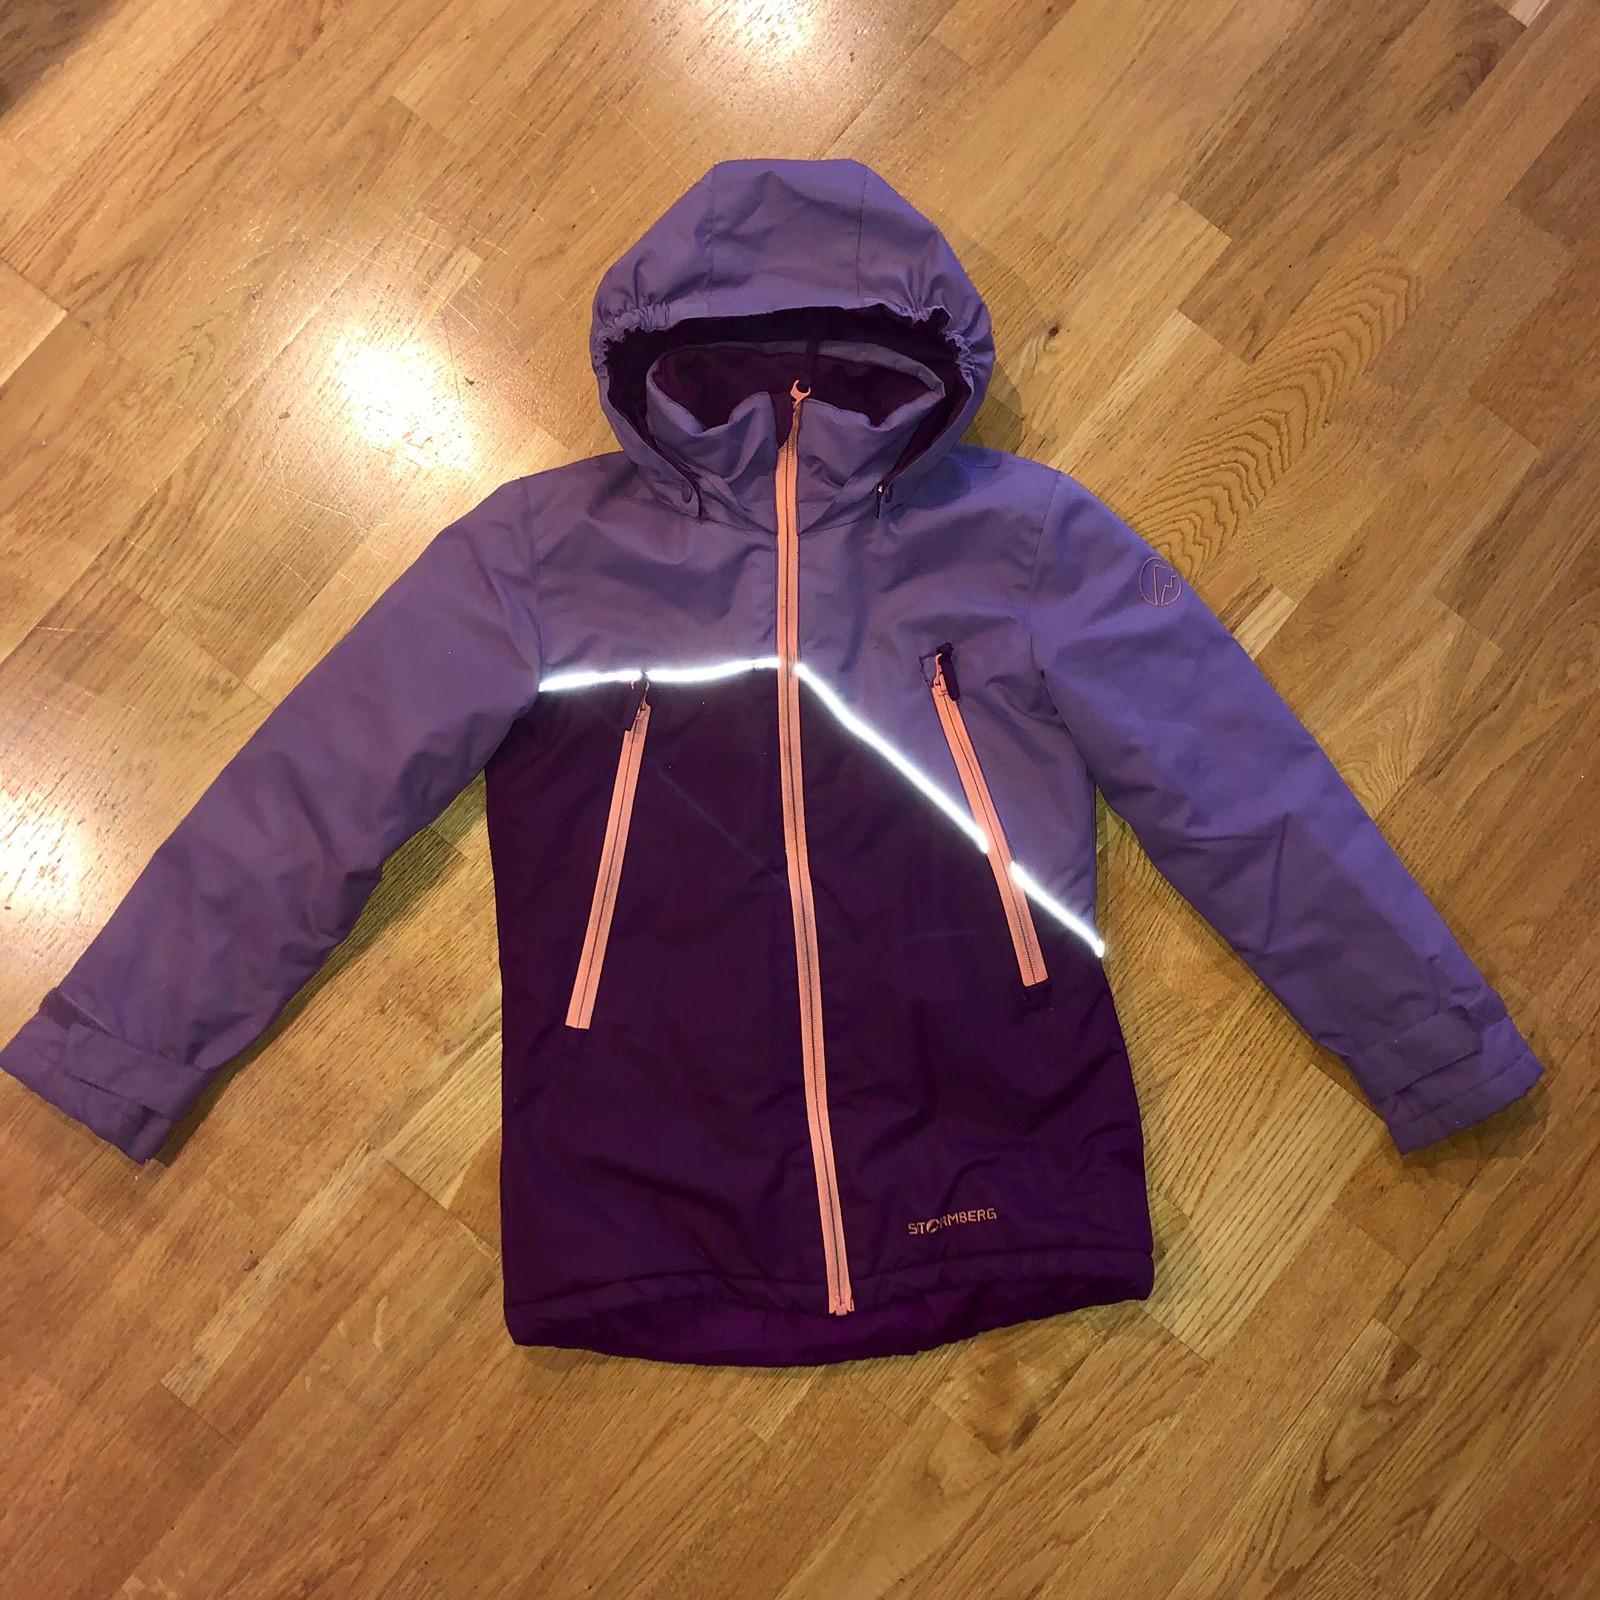 Lett jakke til jenta, 8 år. Merke: Geox, Italia | FINN.no